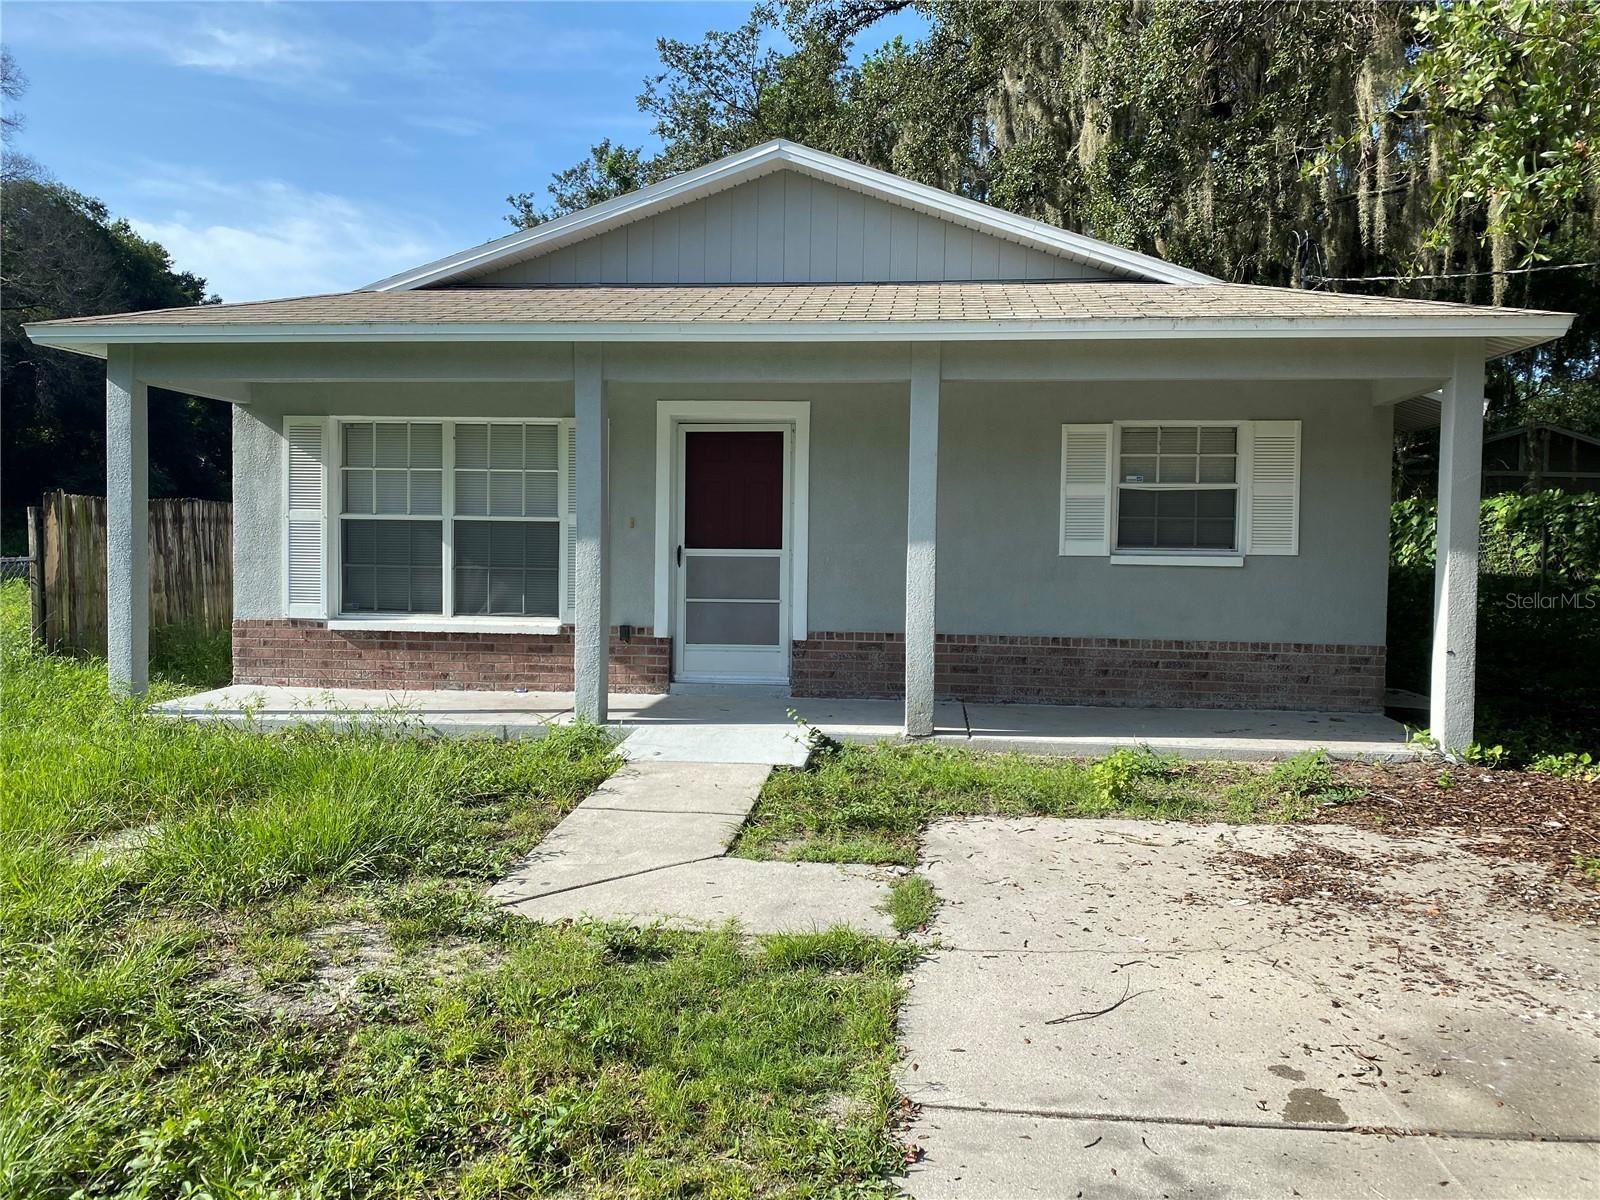 1105 E POINSETTIA AVENUE, Tampa, FL 33612 - MLS#: U8131159